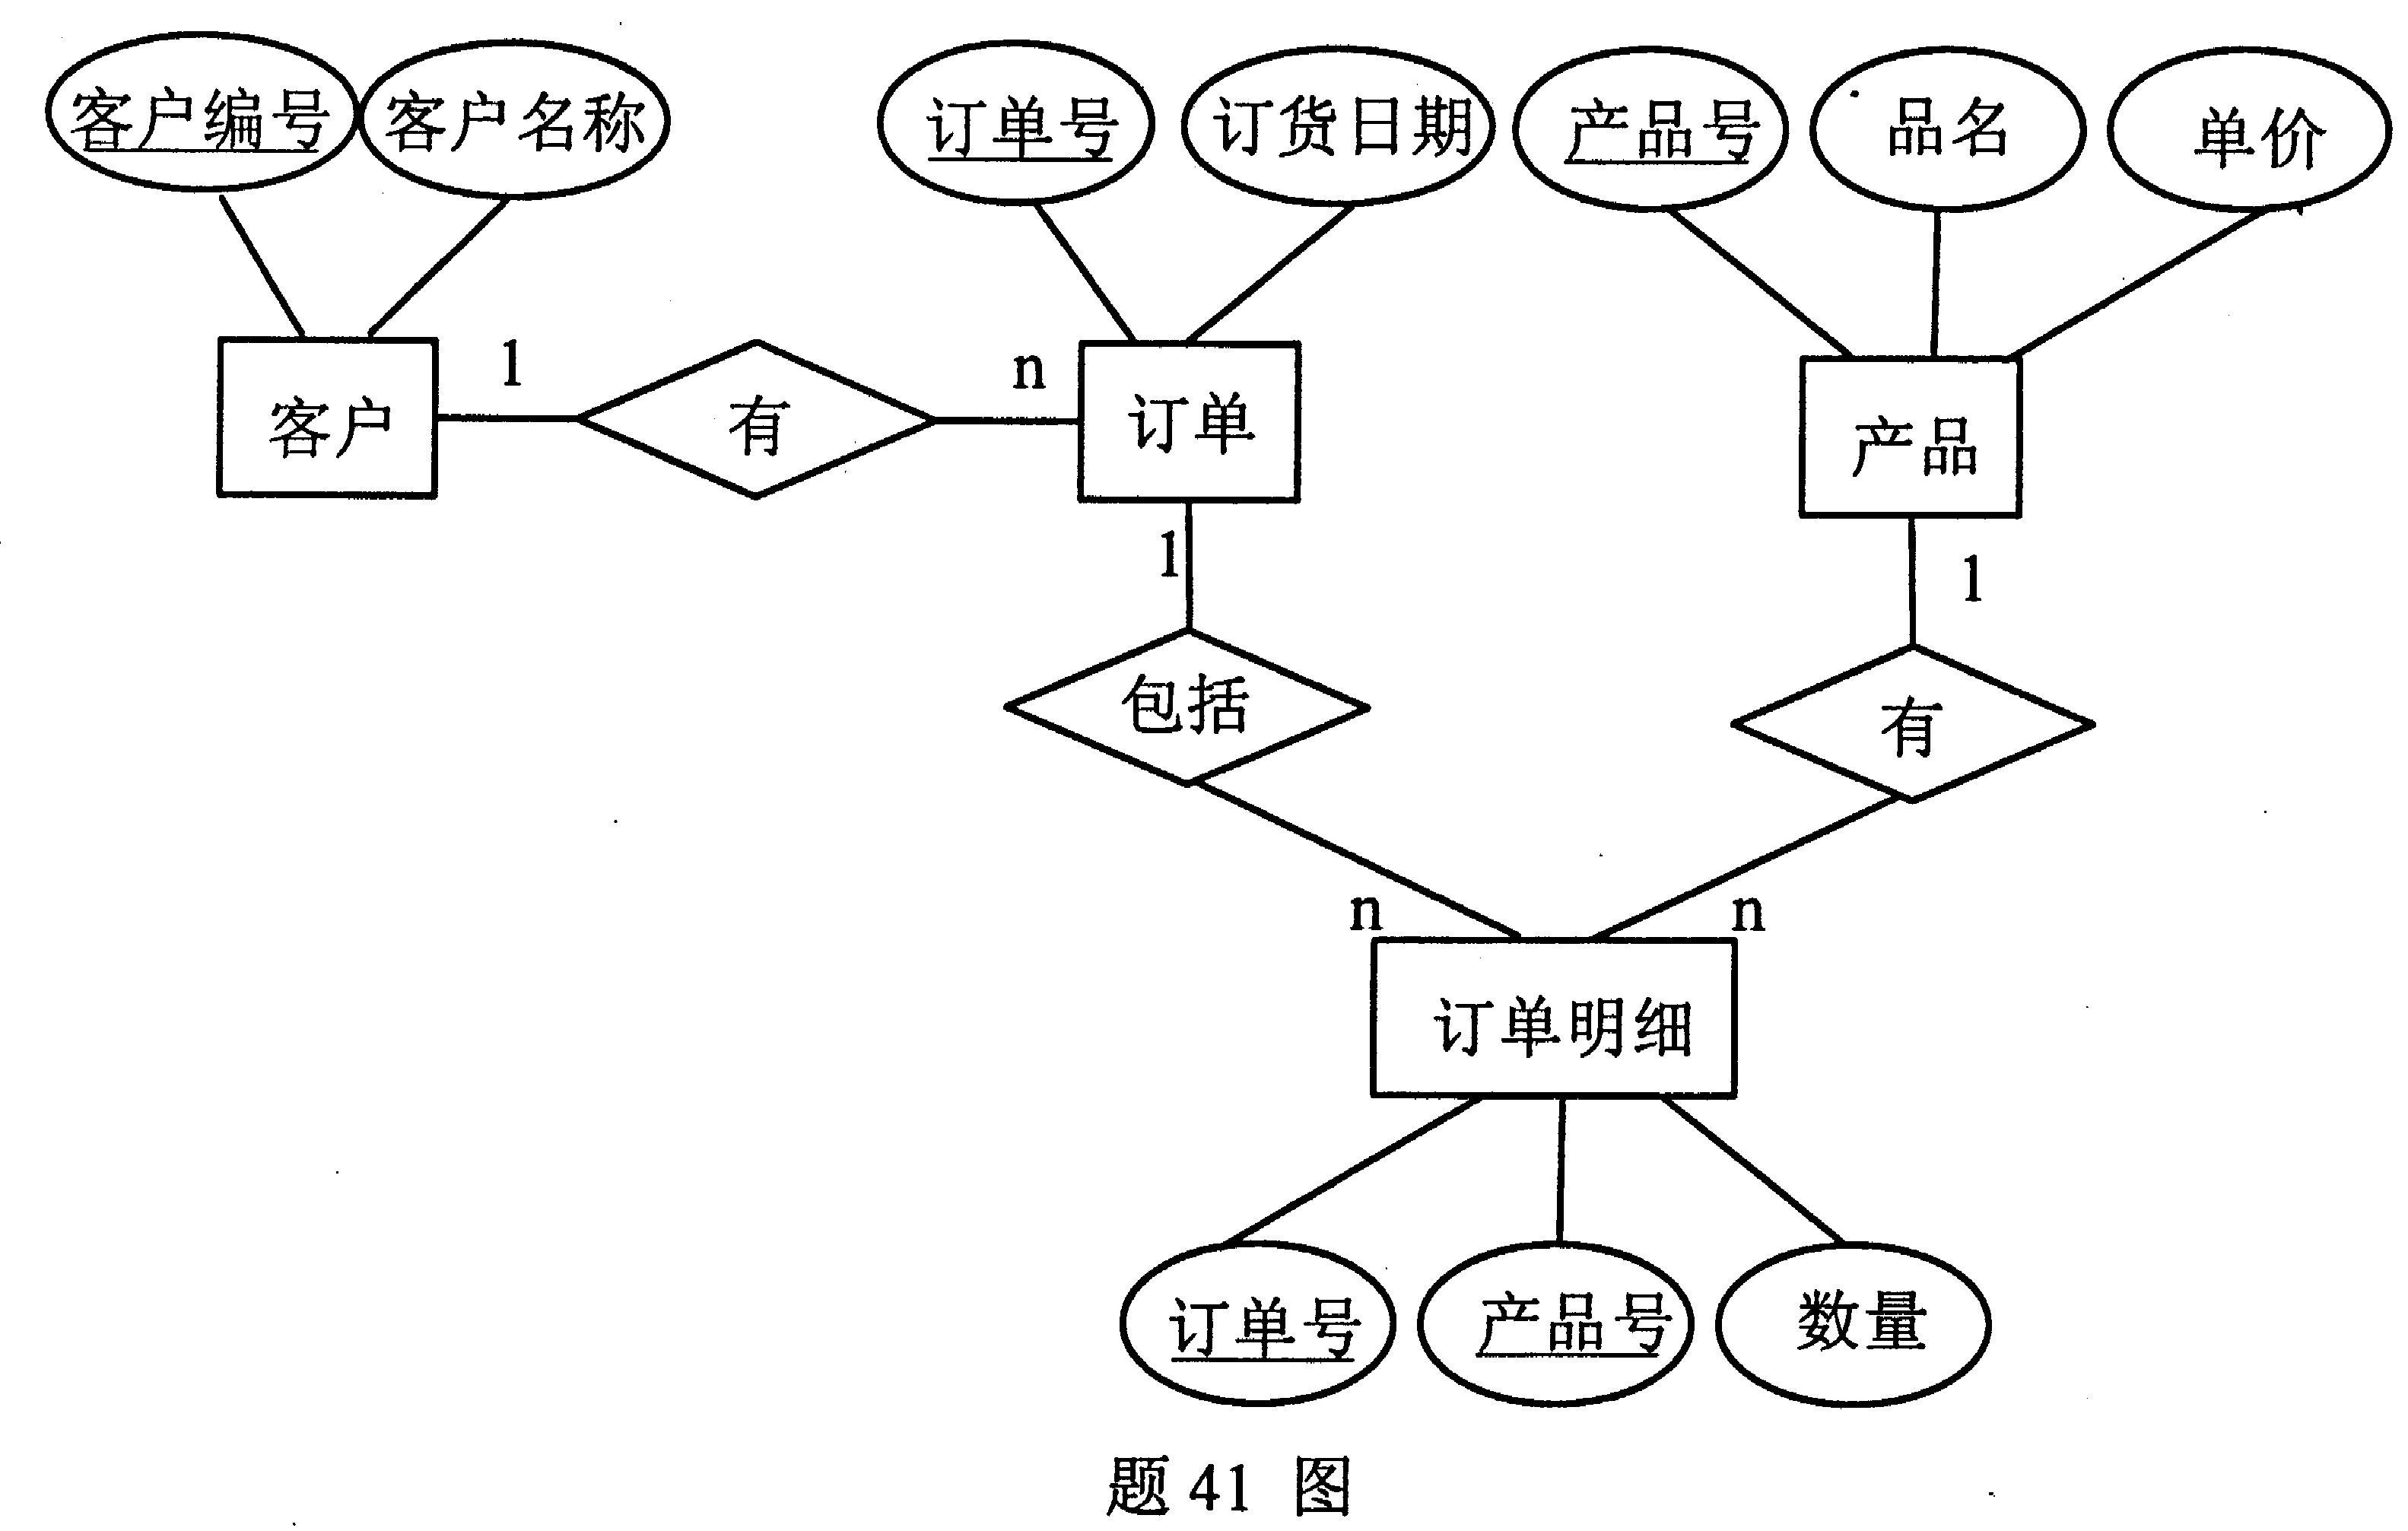 画计算机网络系统组成结构图